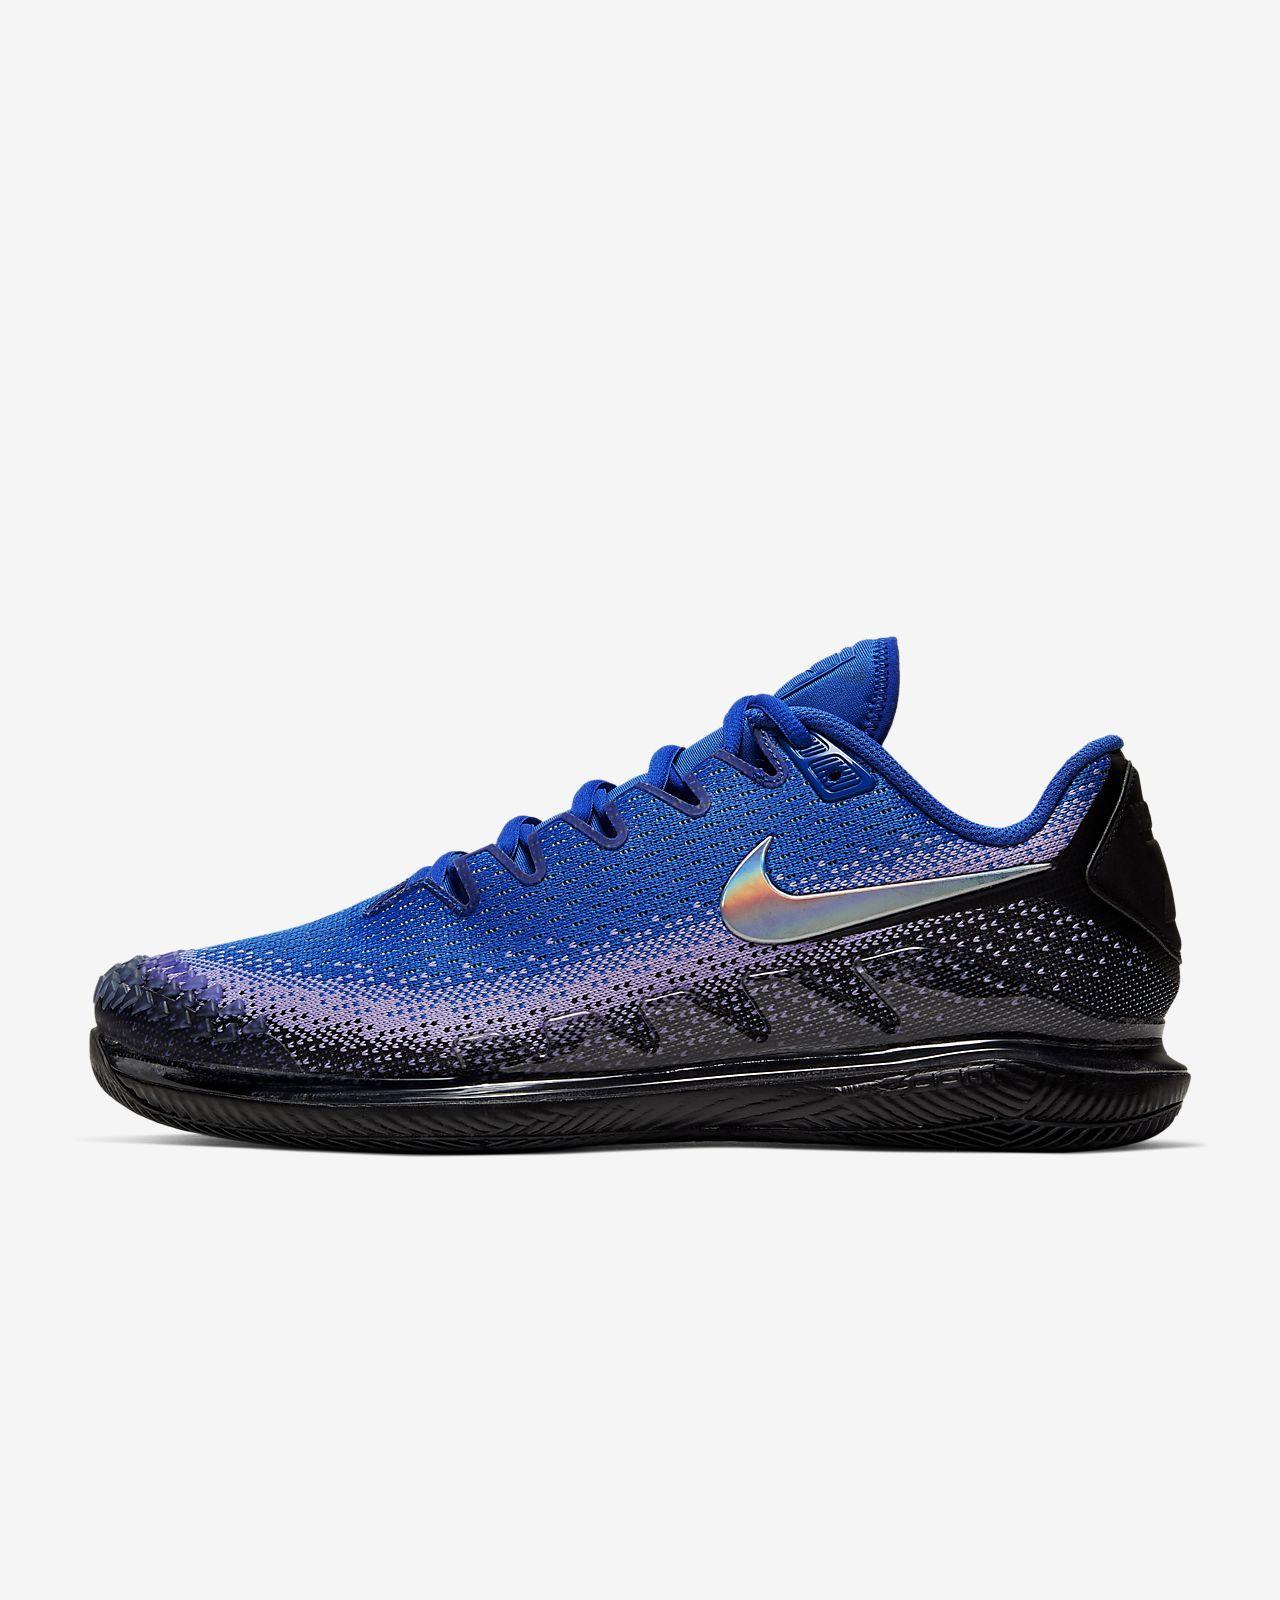 NikeCourt Air Zoom Vapor X Knit Hardcourt tennisschoen voor heren